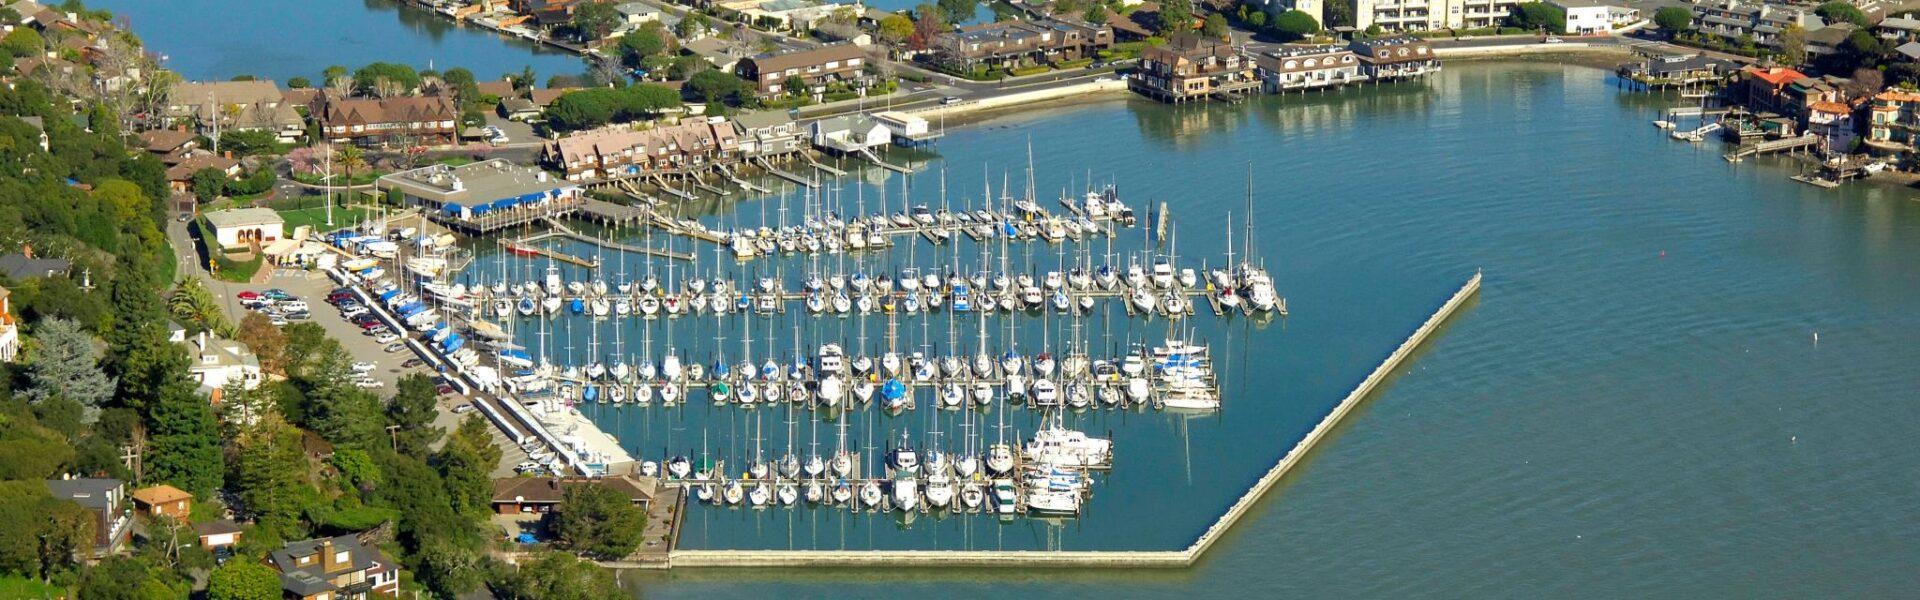 yacht clubs san francisco